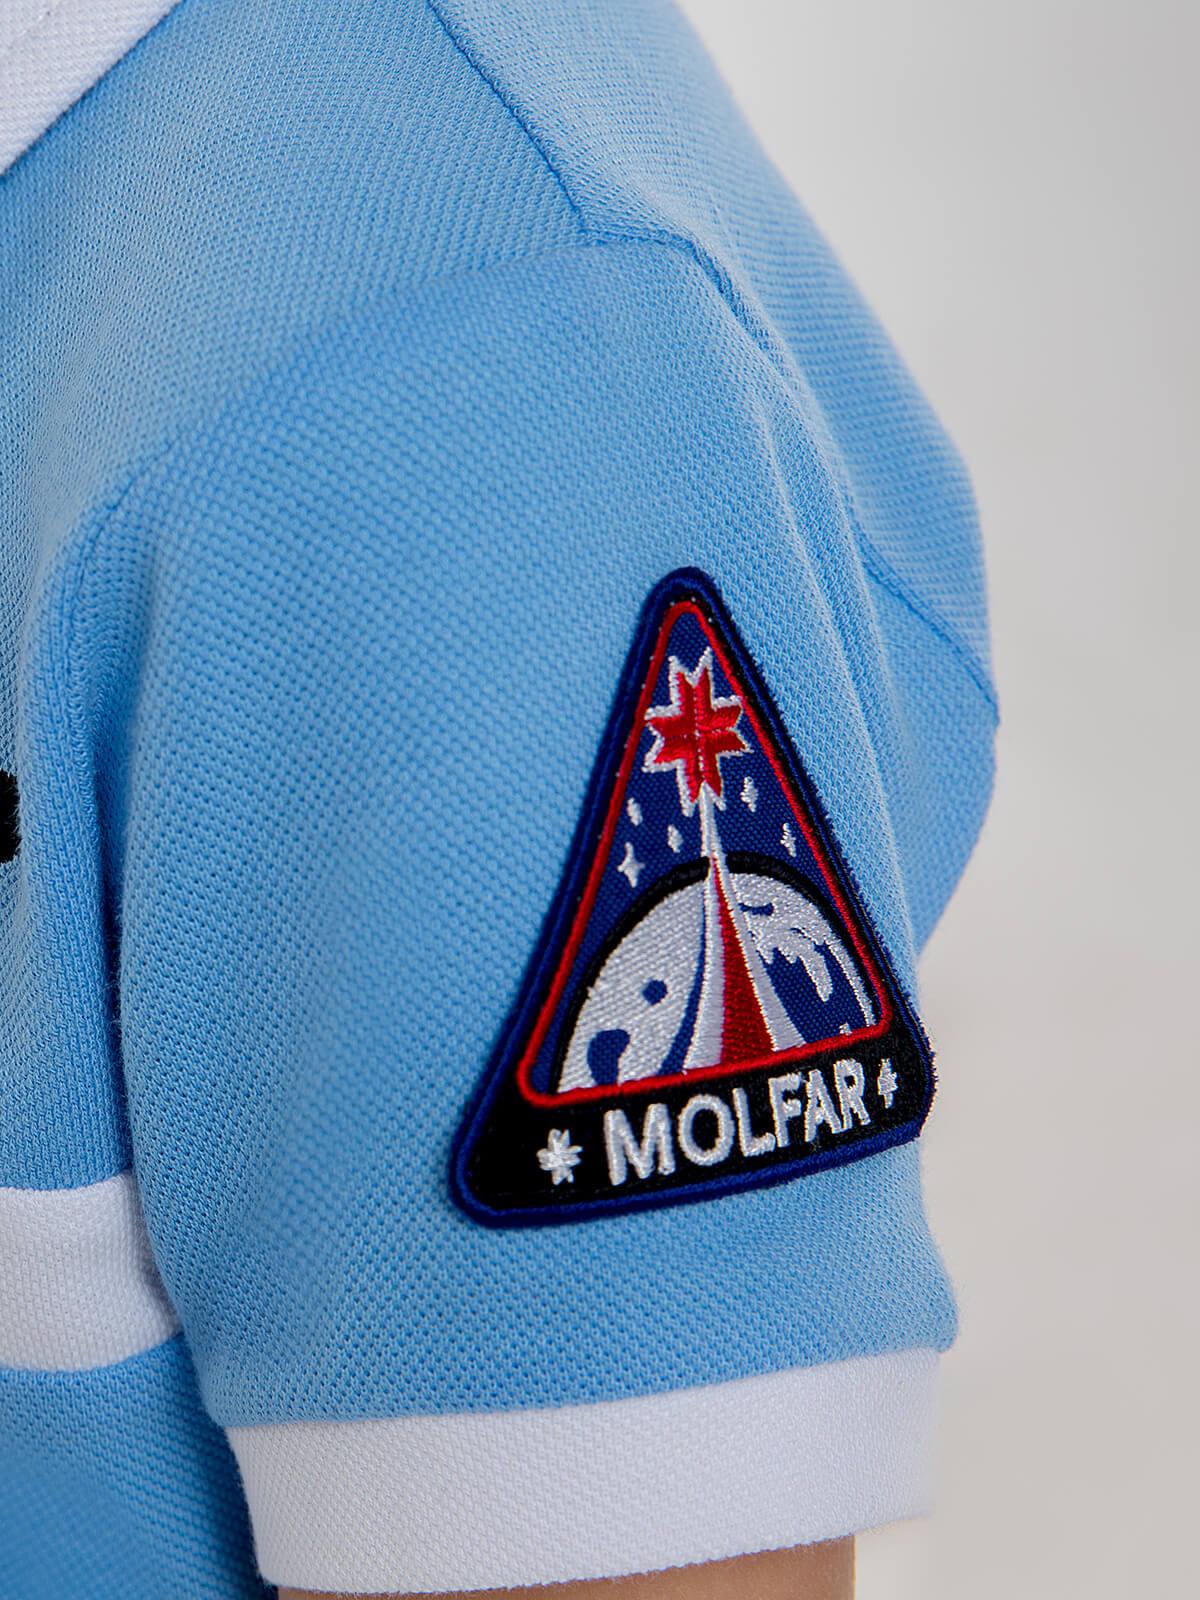 Дитяче Поло Molfar. Колір блакитний. 8.